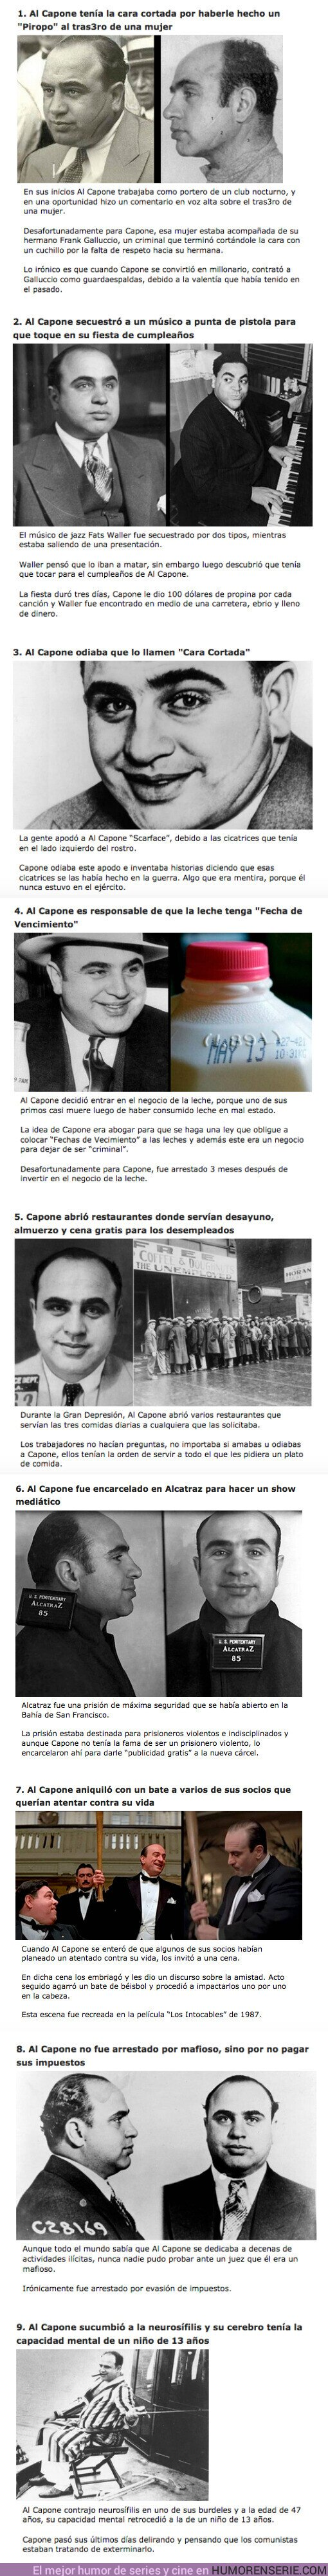 """67494 - GALERÍA: 9 Curiosidades sobre el criminal más famoso de la historia: """"Al Capone"""""""